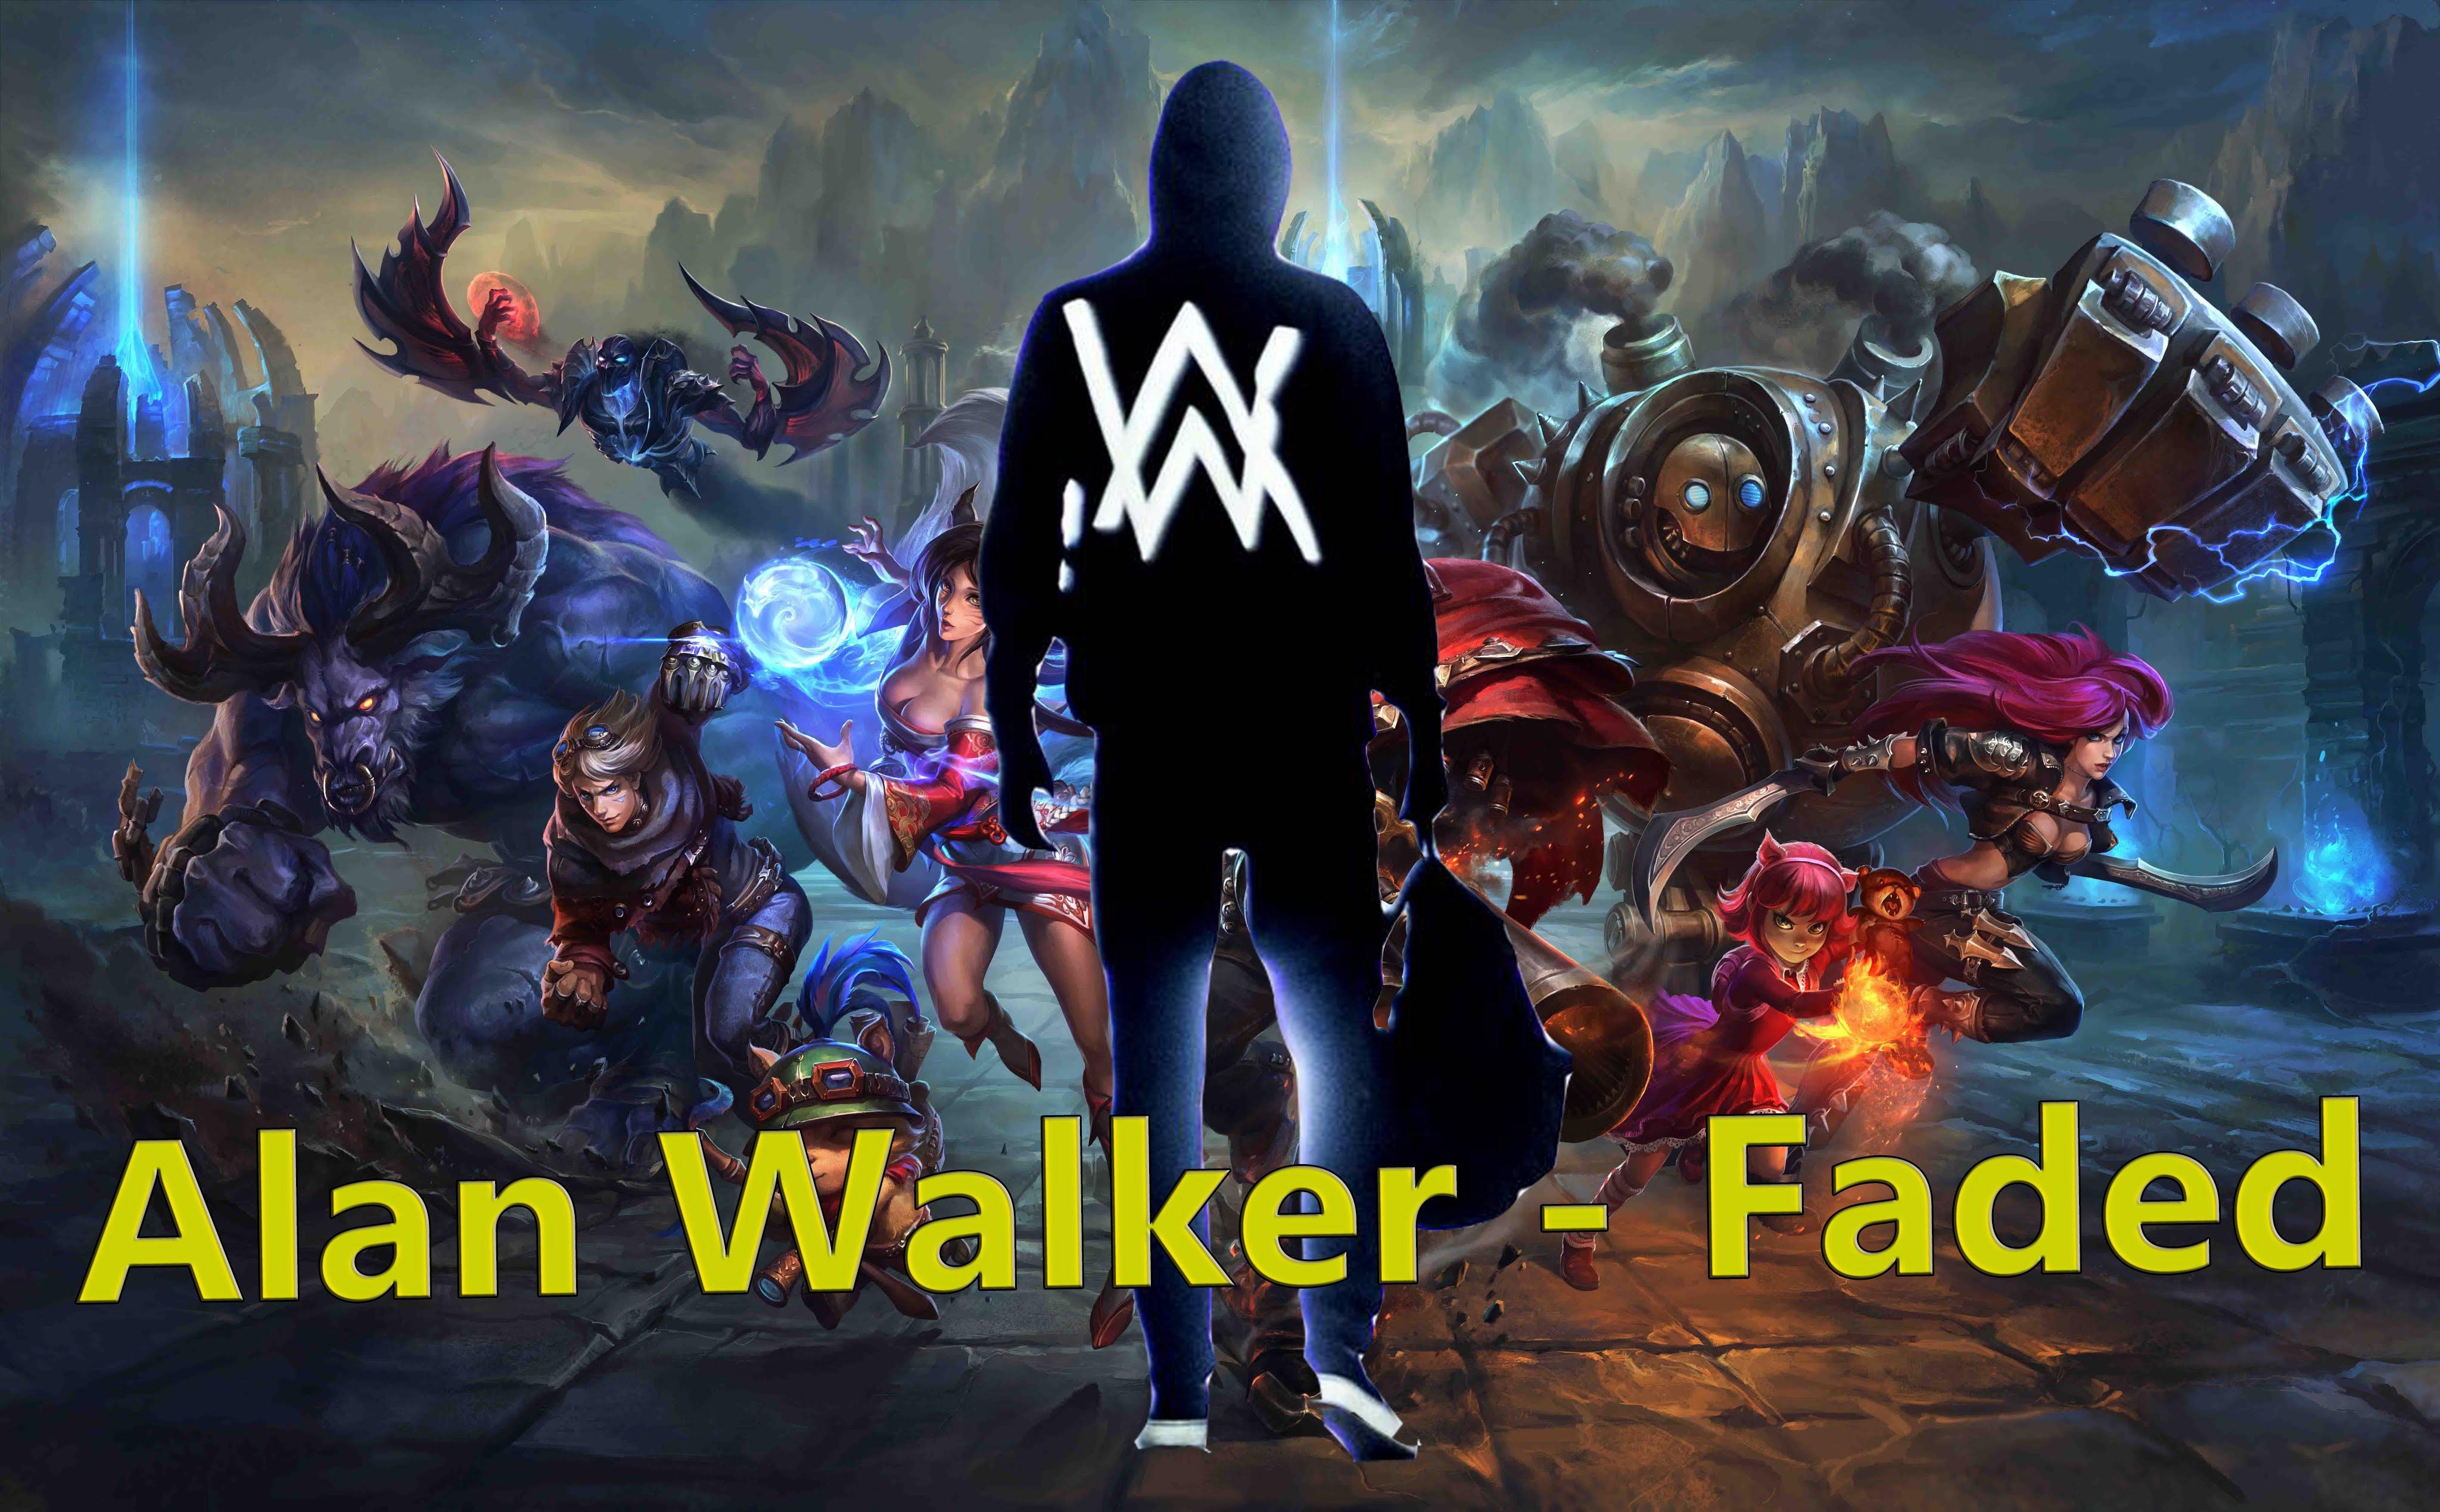 Chết cười trước phiên bản Faded của Alan Walker theo phong cách Liên Minh  Huyền Thoại